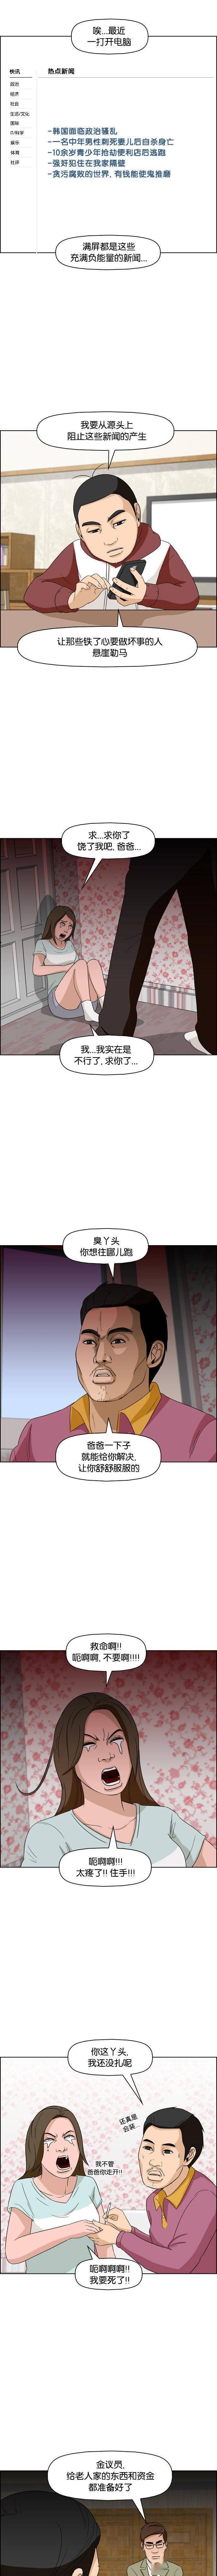 【短篇漫画】被扼杀的坏新闻_解说